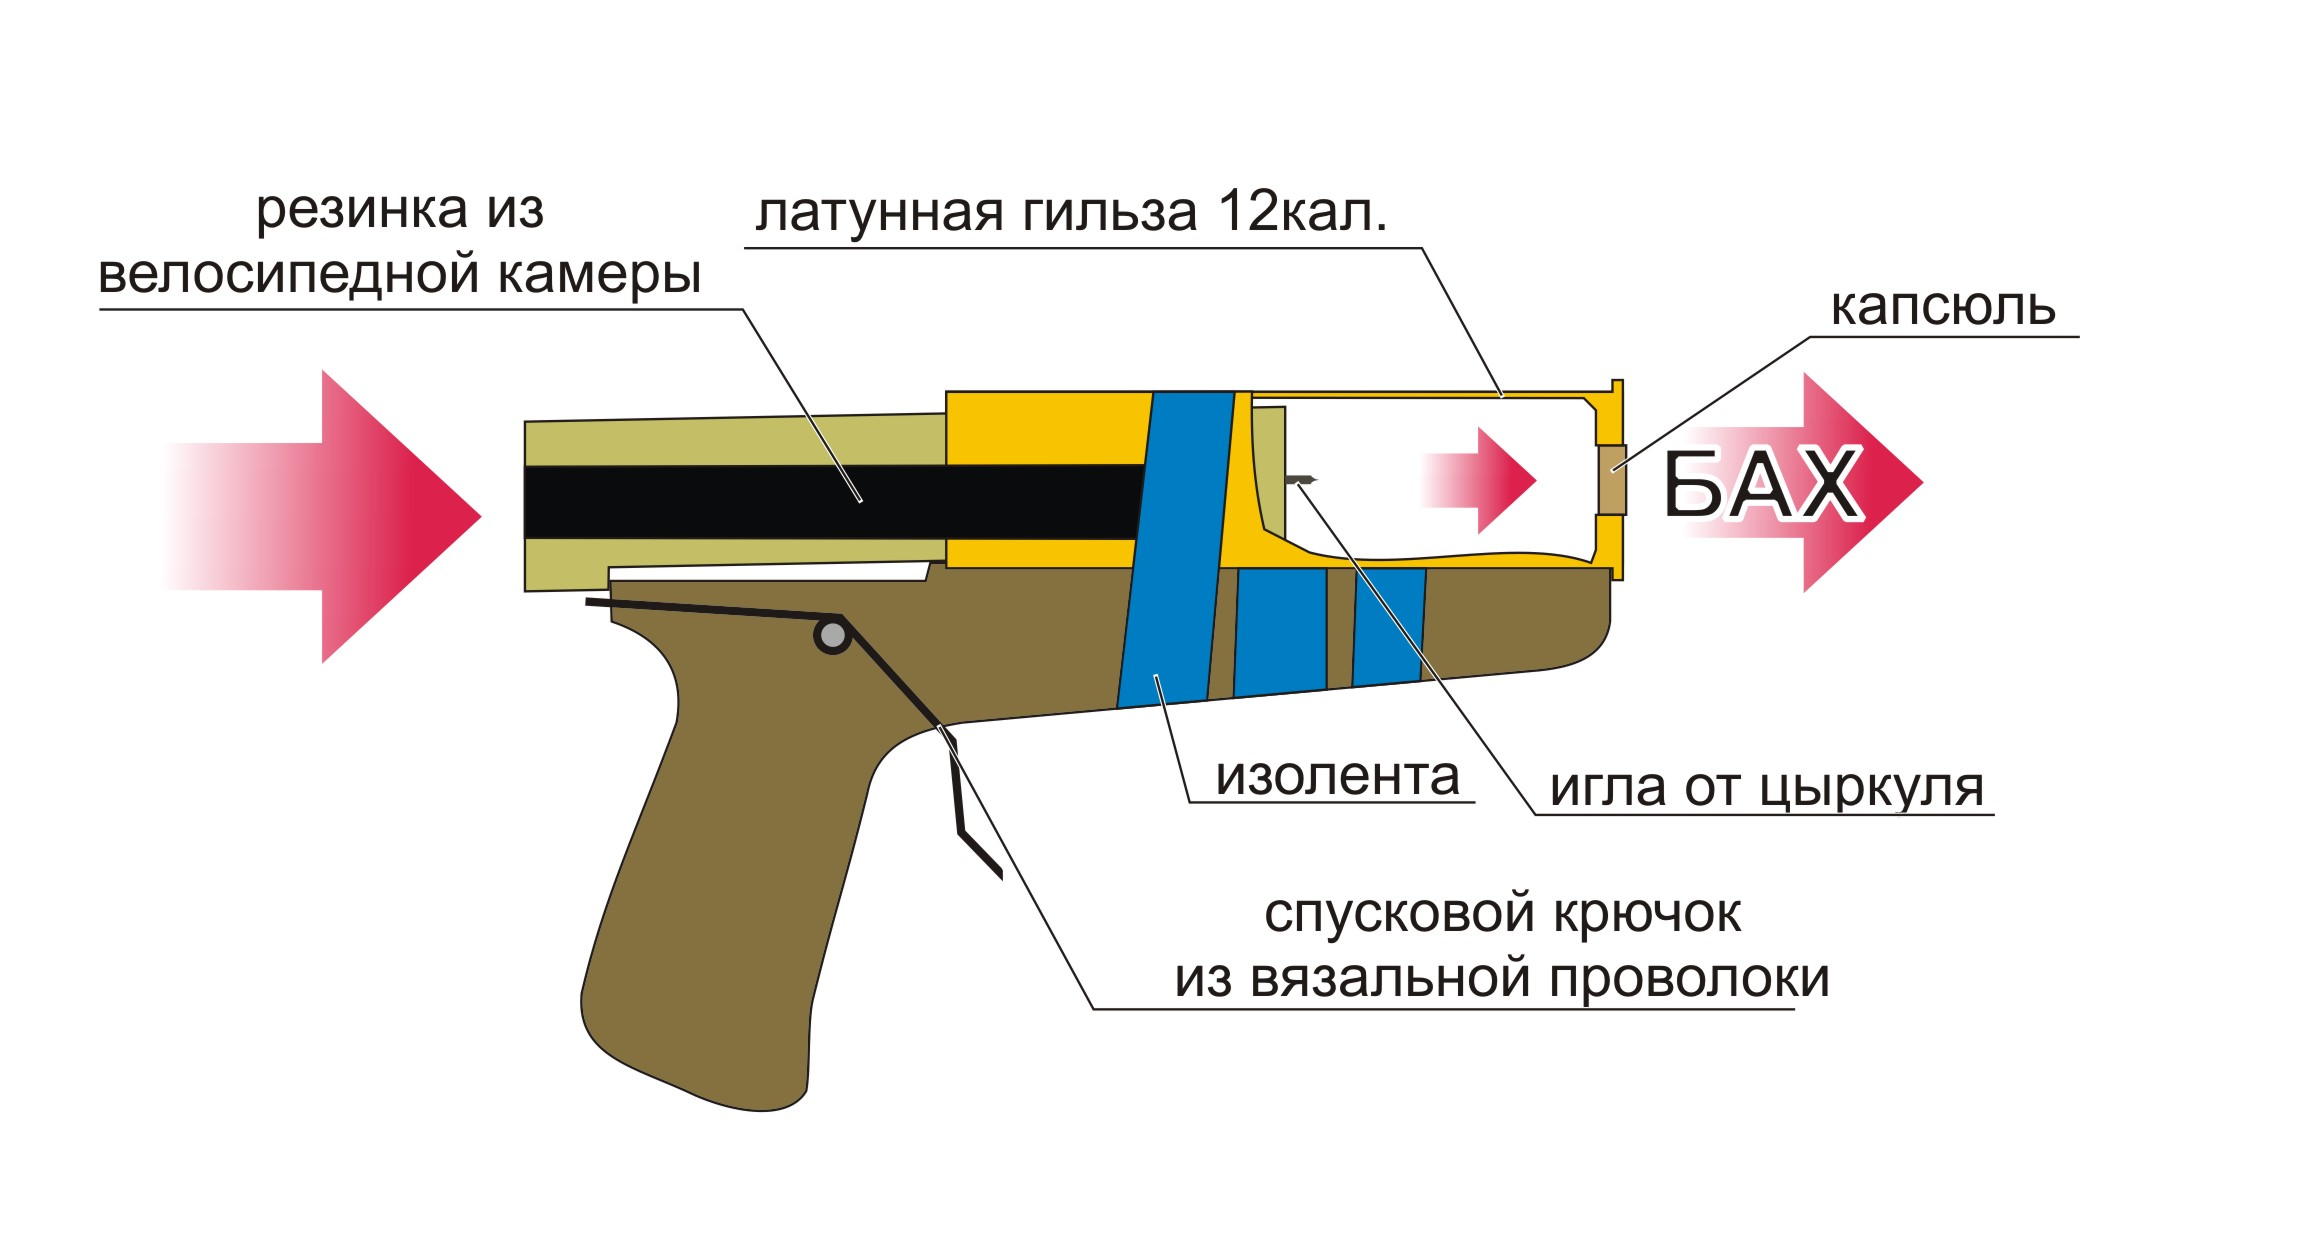 Схемы оружия для детей